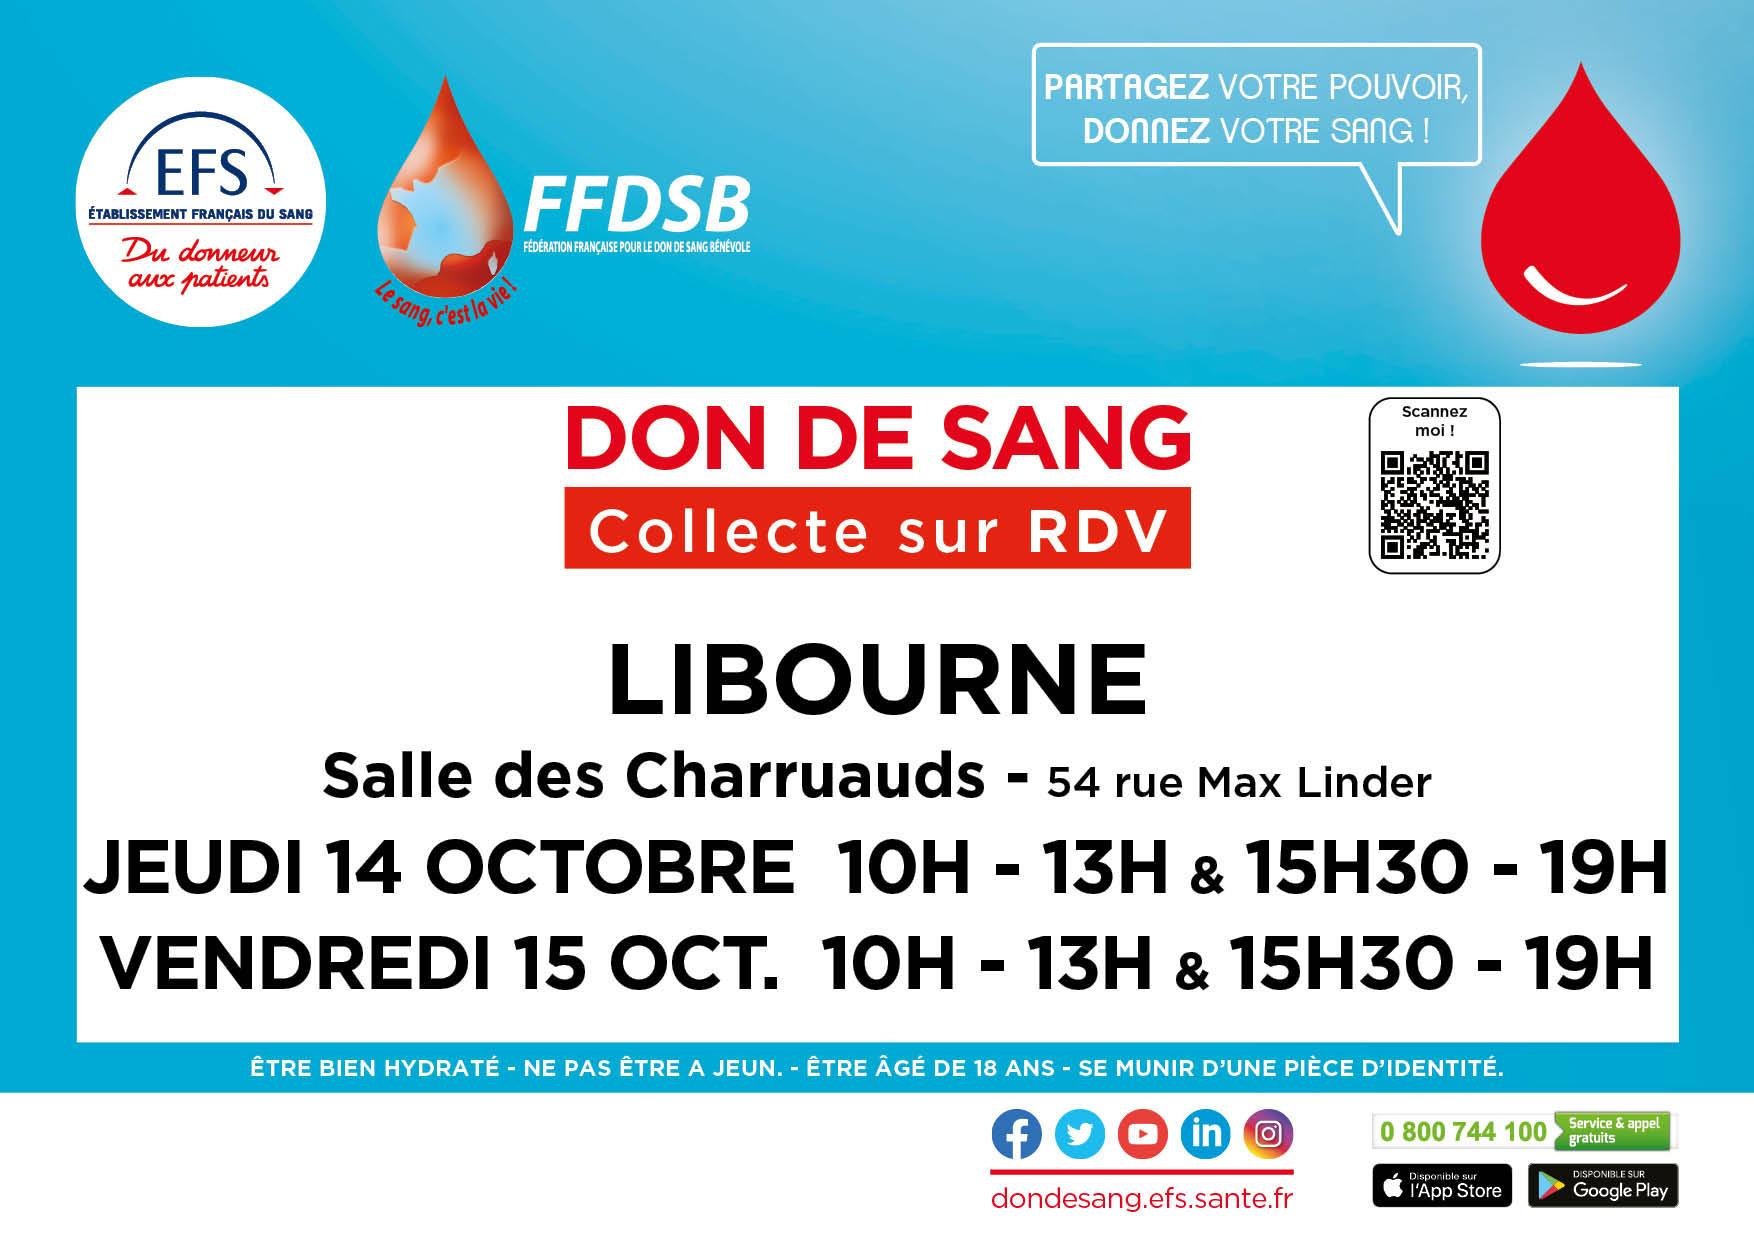 Collectes  de sang à Libourne le jeudi 14 et vendredi 15  octobre sur RDV